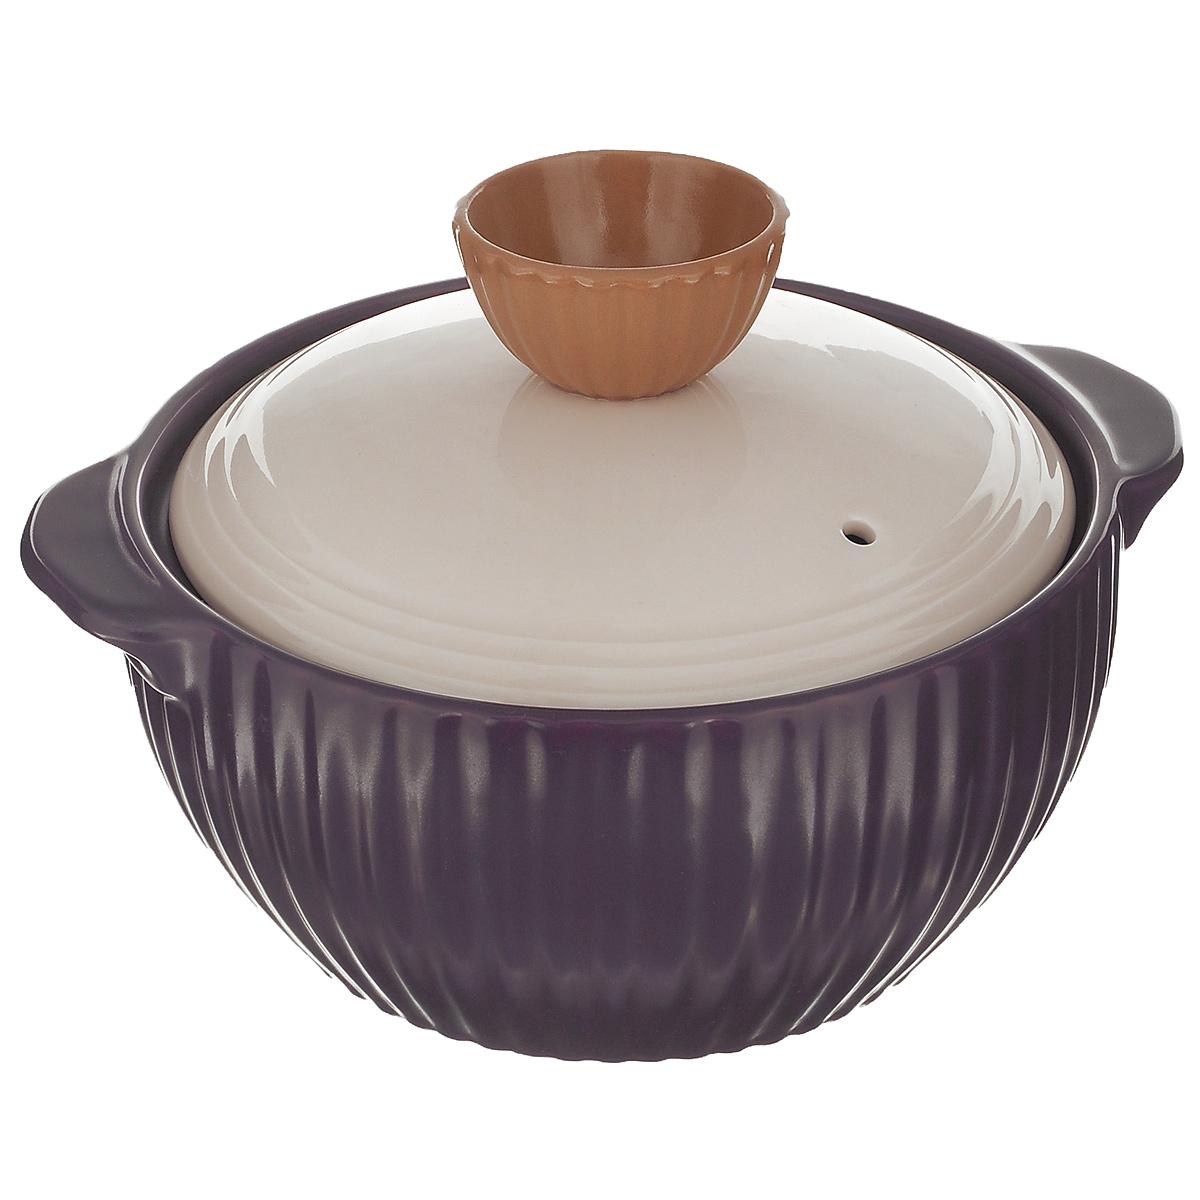 Кастрюля керамическая Frybest Mystic valley с крышкой, цвет: фиолетовый, 1,4 лNM-C18Кастрюля Frybest Mystic valley изготовлена из экологически чистой жаропрочной керамики. Идеальна для приготовления блюд, требующих длительного томления. Благодаря инновационному покрытию Ecolon пища не пригорает и не прилипает. Дизайн кастрюли разработан так, чтобы теплообмен внутри нее был максимально эффективным. Устойчивое к царапинам жаропрочное керамическое покрытие дополняет антибактериальный слой. Керамическая крышка кастрюли оснащена отверстием для выпуска пара.Кастрюля оснащена двумя небольшими ручками для удобного хвата.Кастрюля Frybest Mystic valley прекрасно подойдет для запекания и тушения овощей, мяса и других блюд, а оригинальный дизайн и яркое оформление украсят ваш стол.Можно мыть в посудомоечной машине. Кастрюля предназначена для использования на газовой и электрической плитах, в духовке и микроволновой печи. Не подходит для индукционных плит.Высота стенки: 9 см.Ширина кастрюли (с учетом ручек): 22,5 см.Толщина дна: 1 см.Толщина стенки: 0,9 см.Высота кастрюли (с учетом крышки): 15 см.